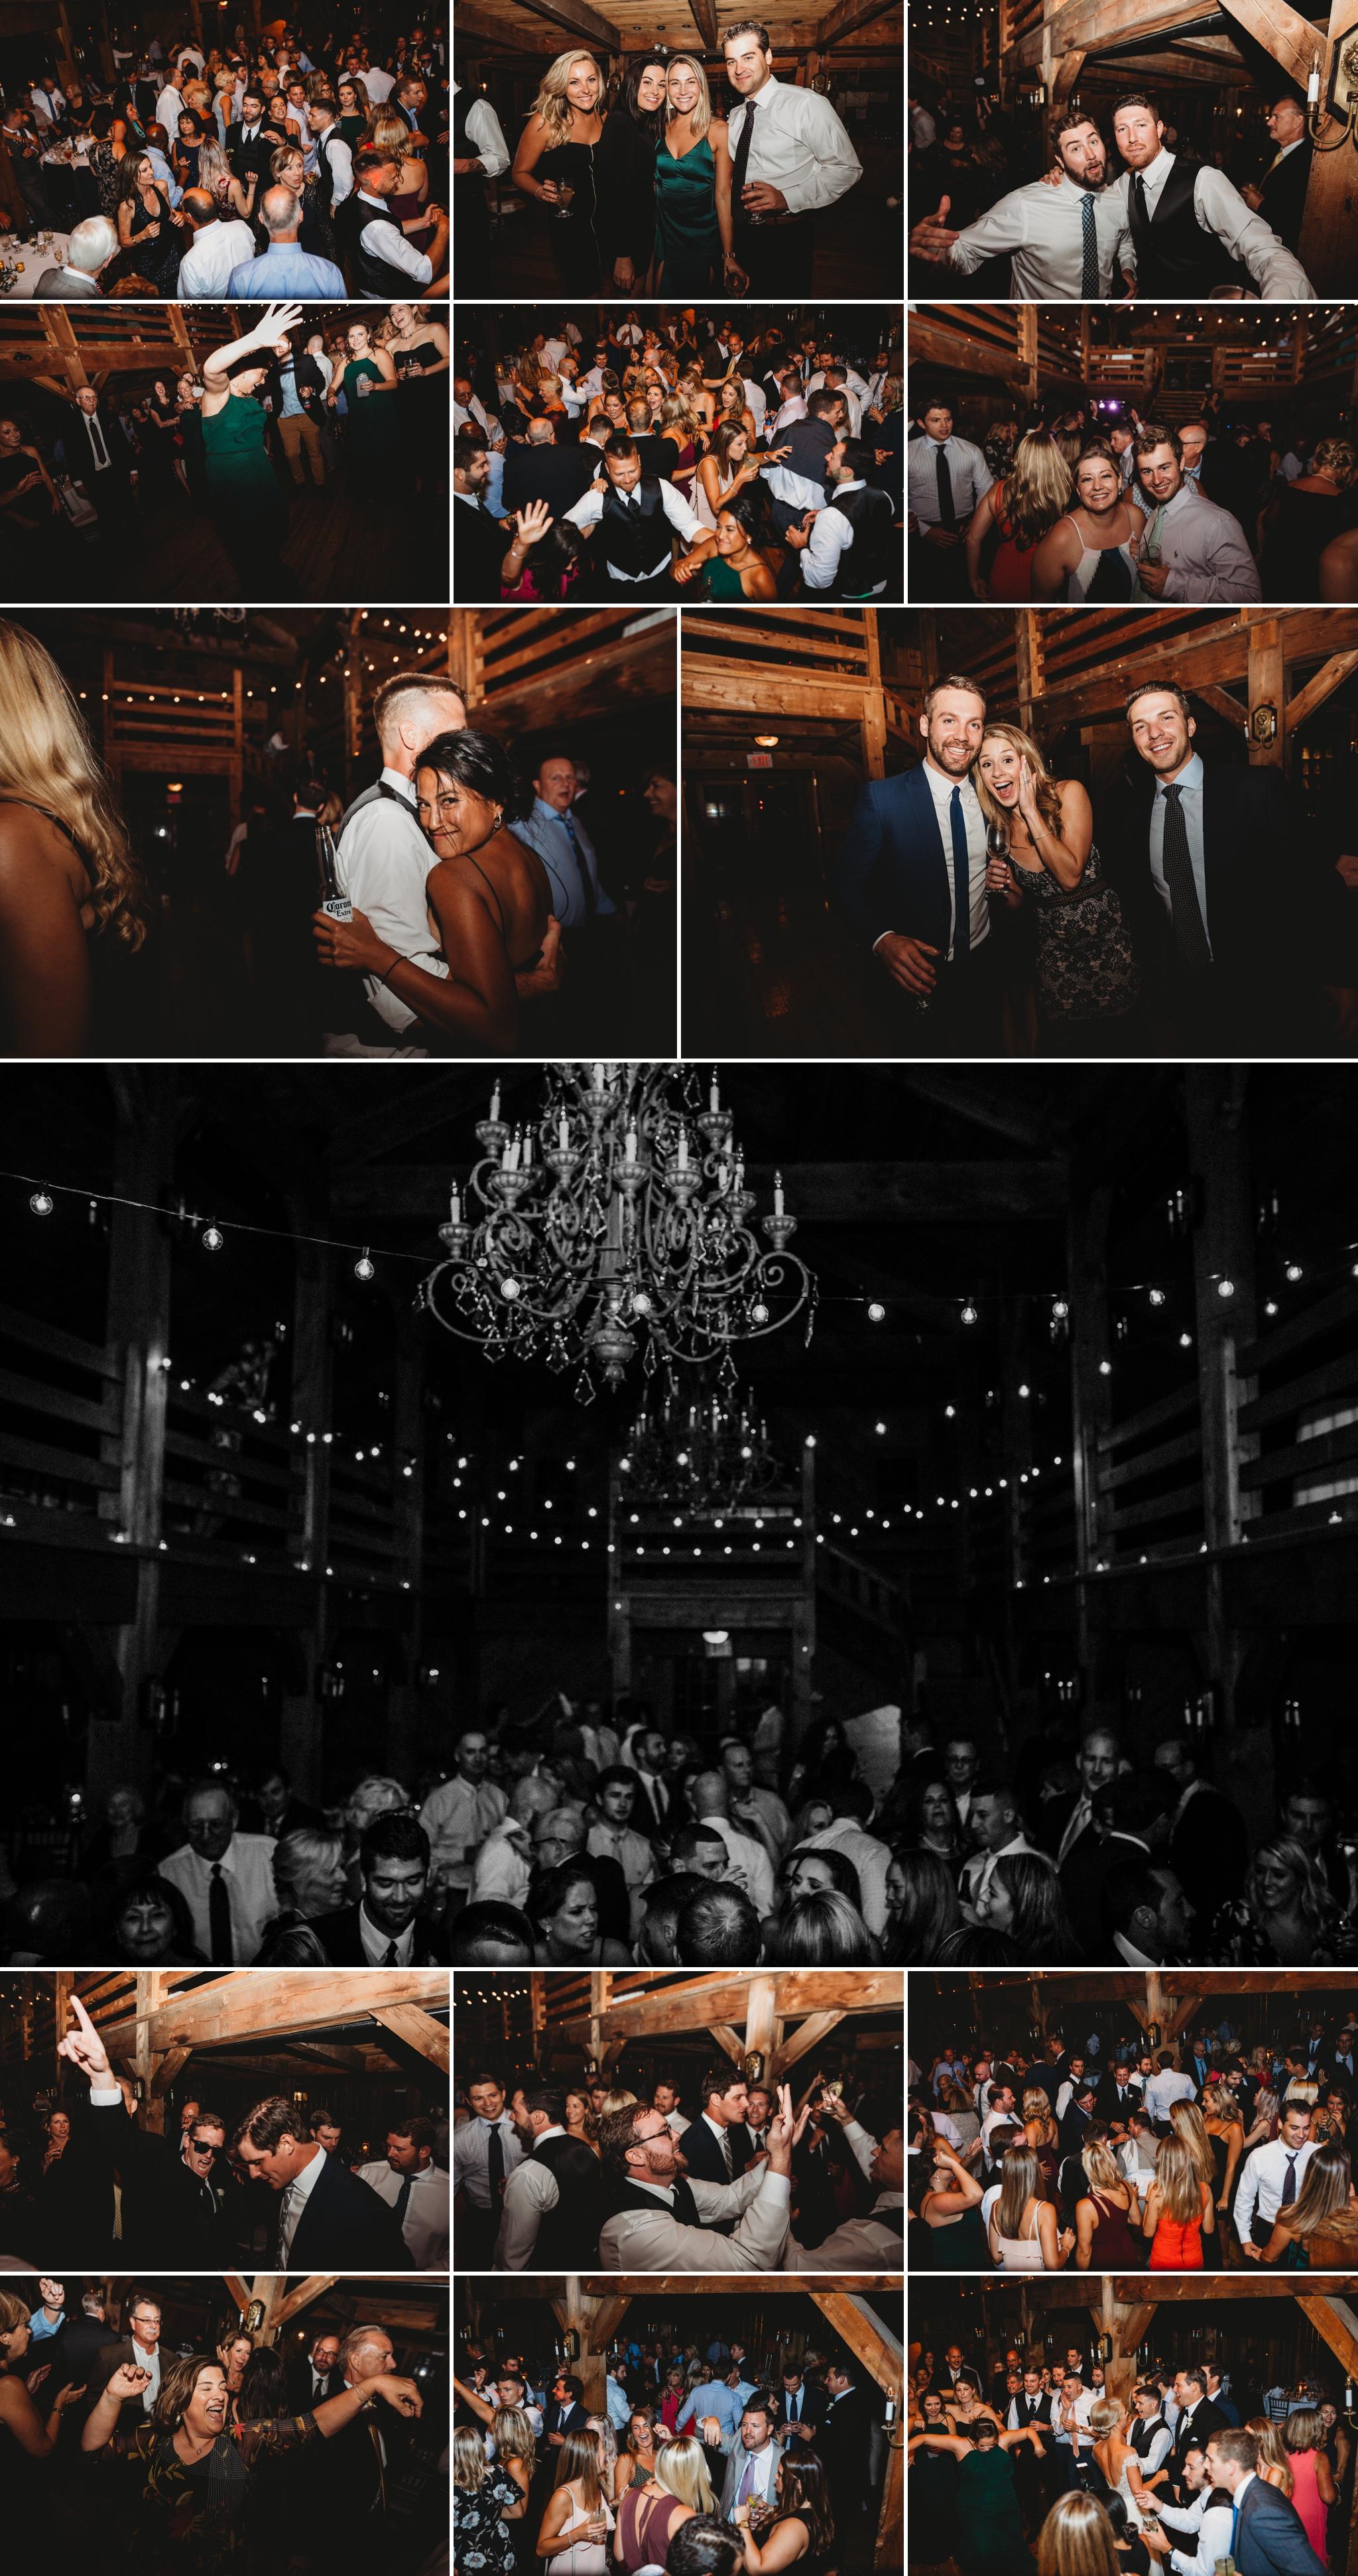 cohasset massachusetts wedding reception